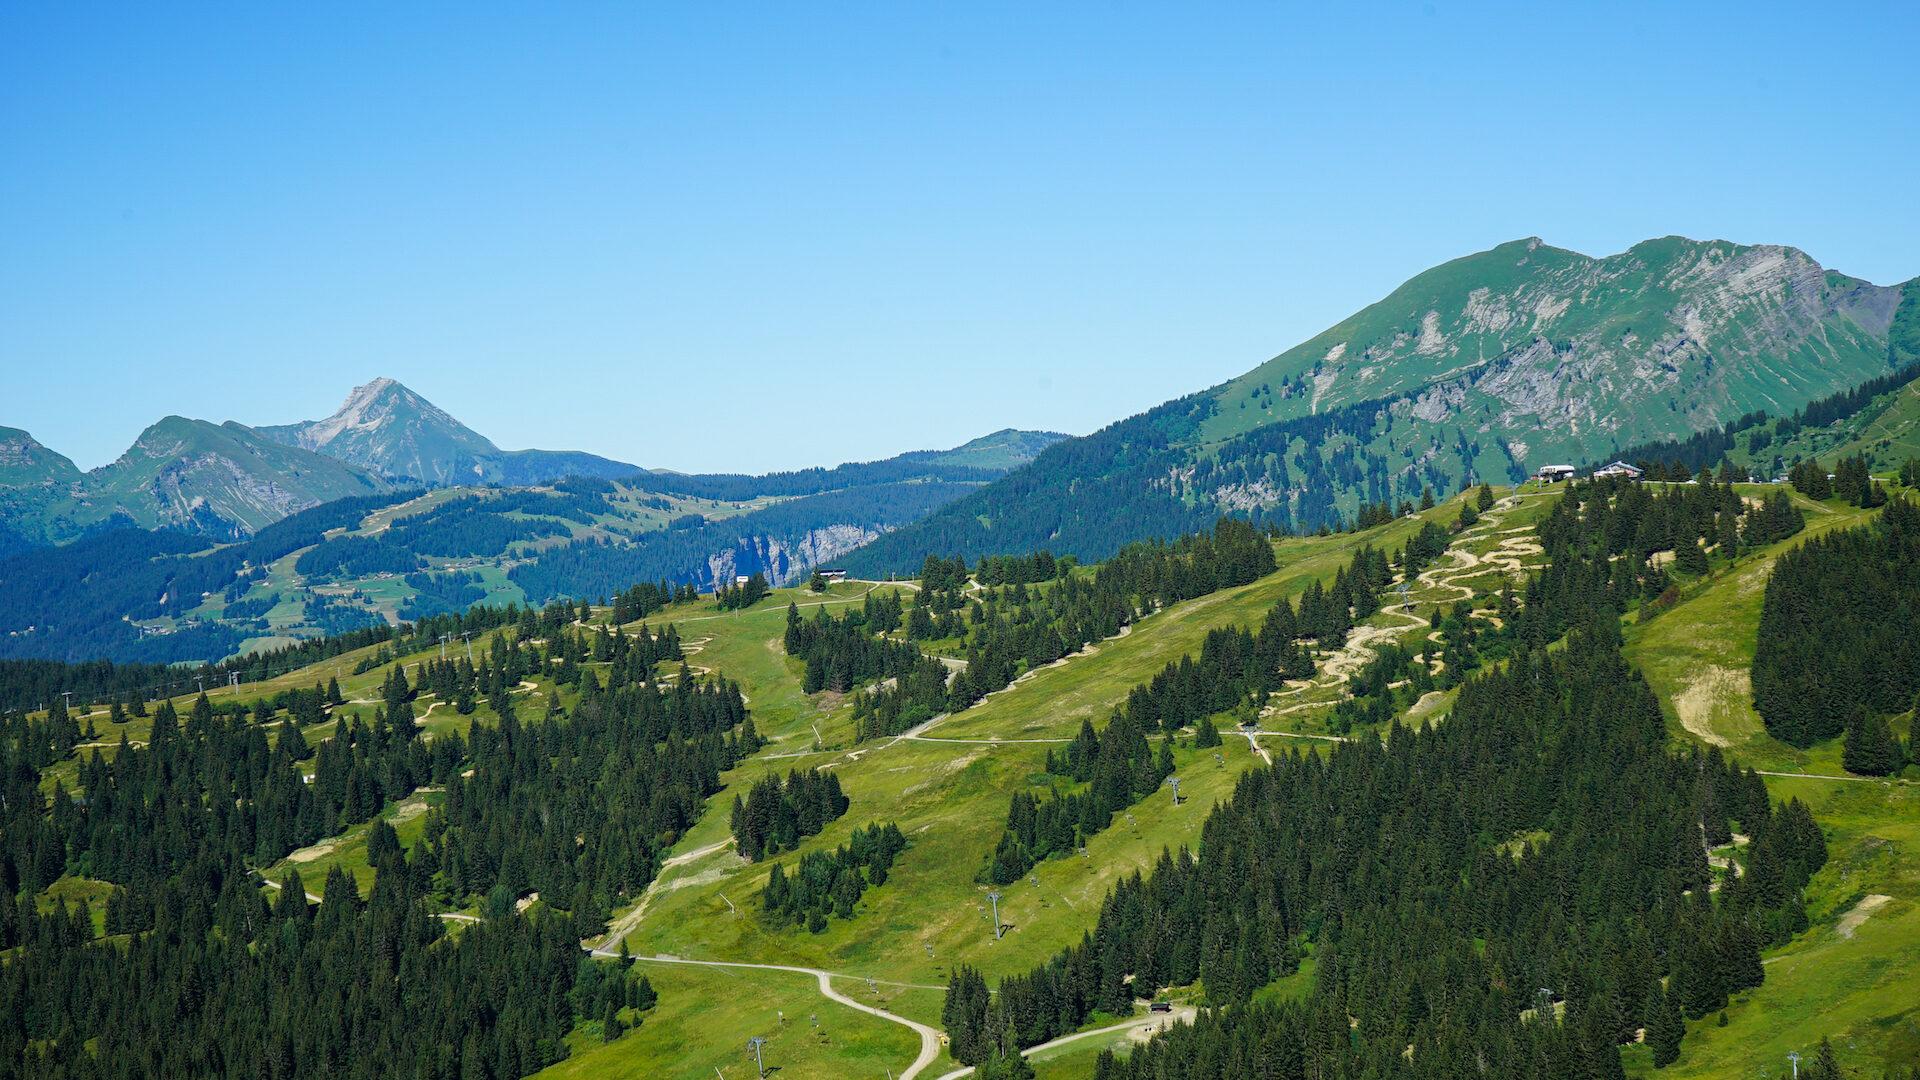 Paysage montagne en été